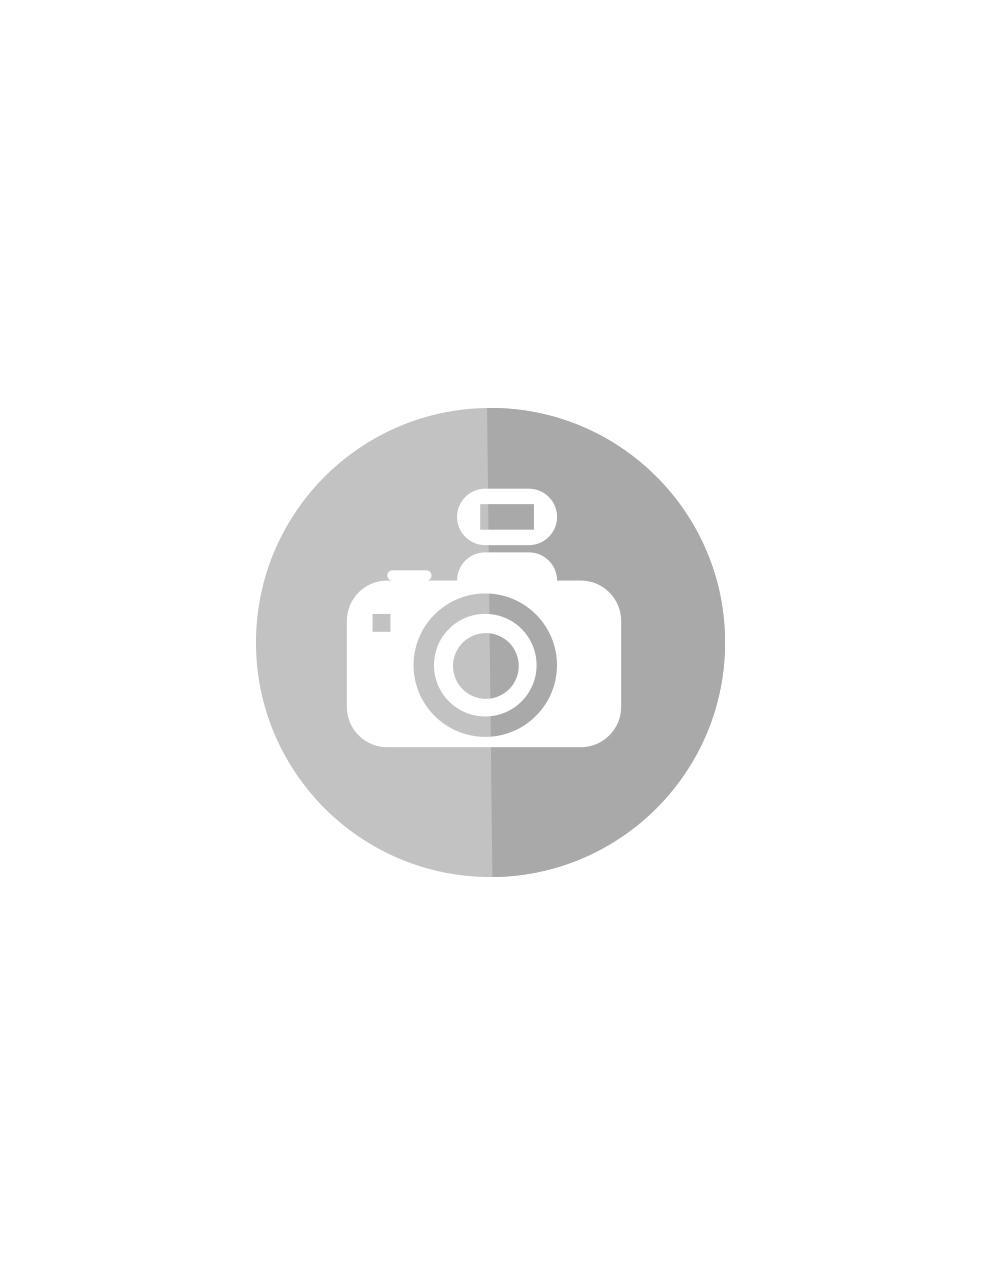 30098282_sparepart/Kochinsel-Korpus